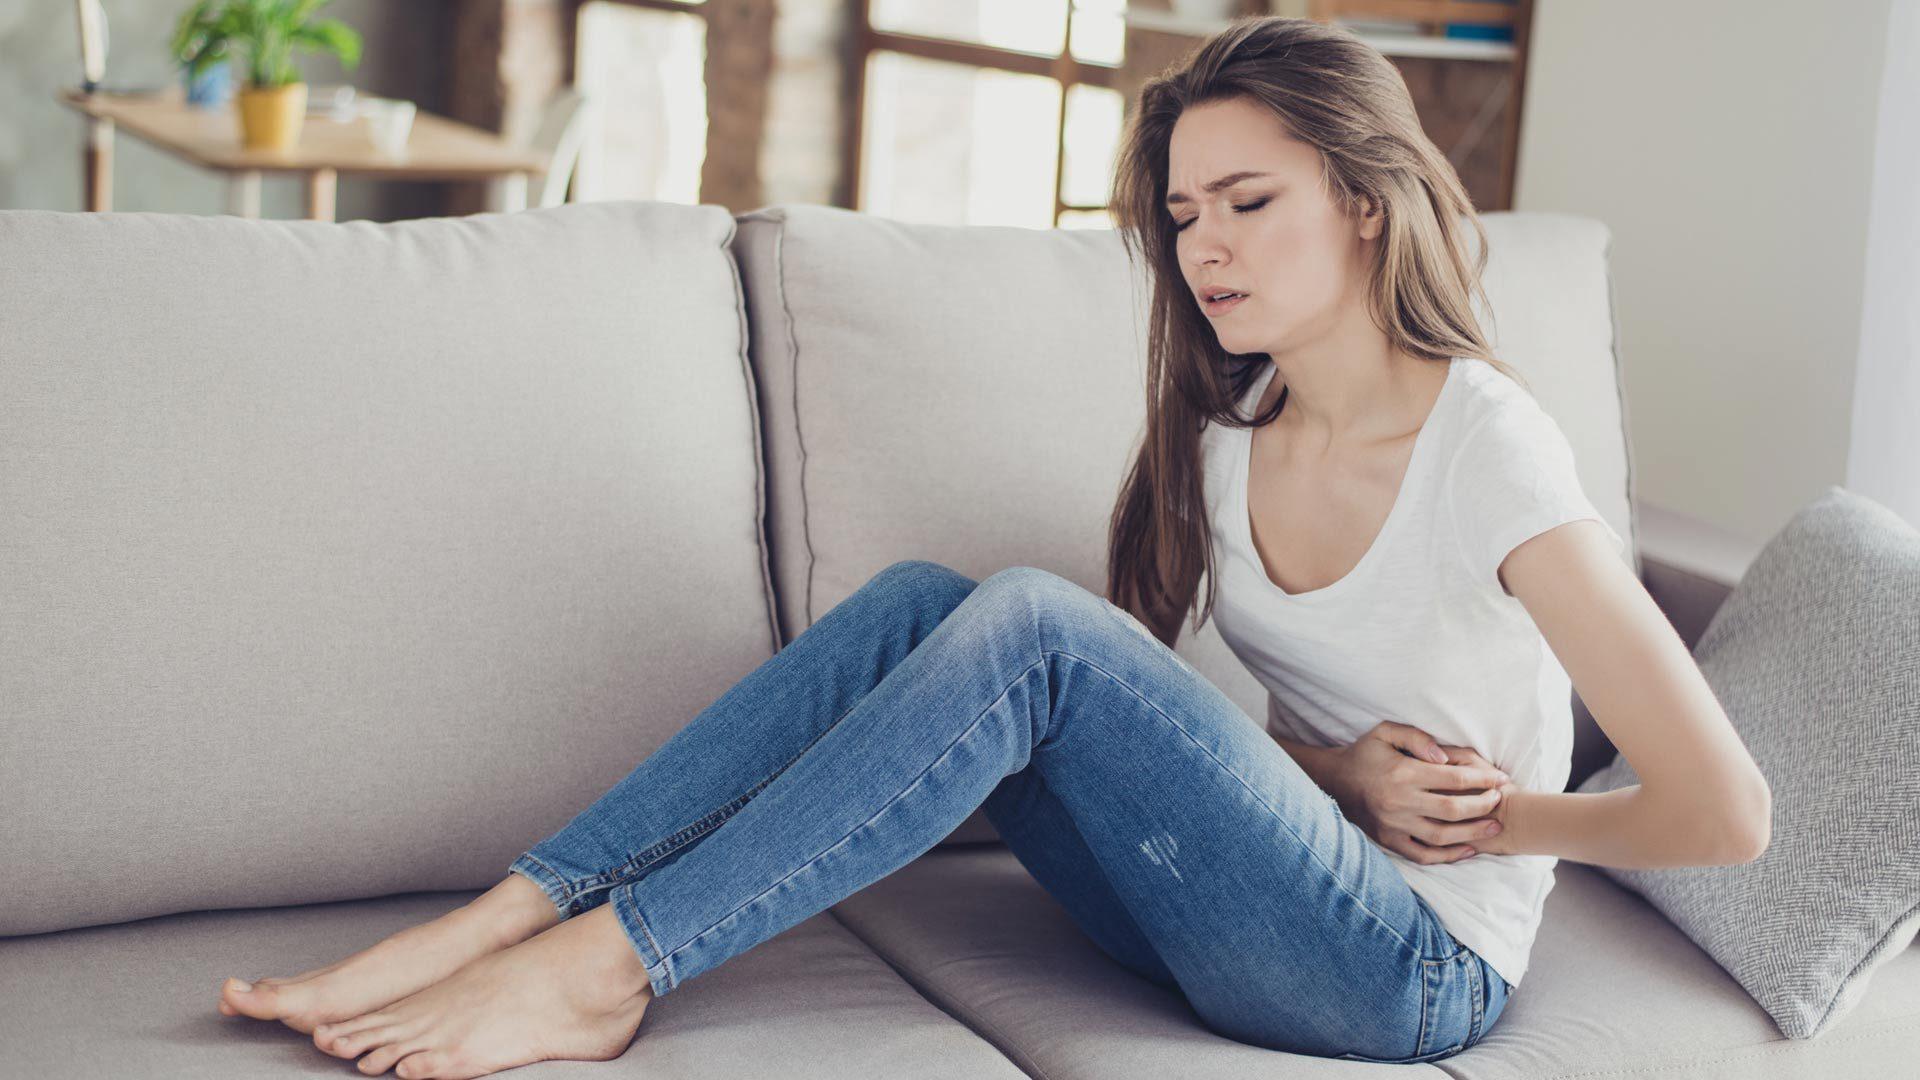 Kuumat ruoat voivat aiheuttaa kipua vatsassa.